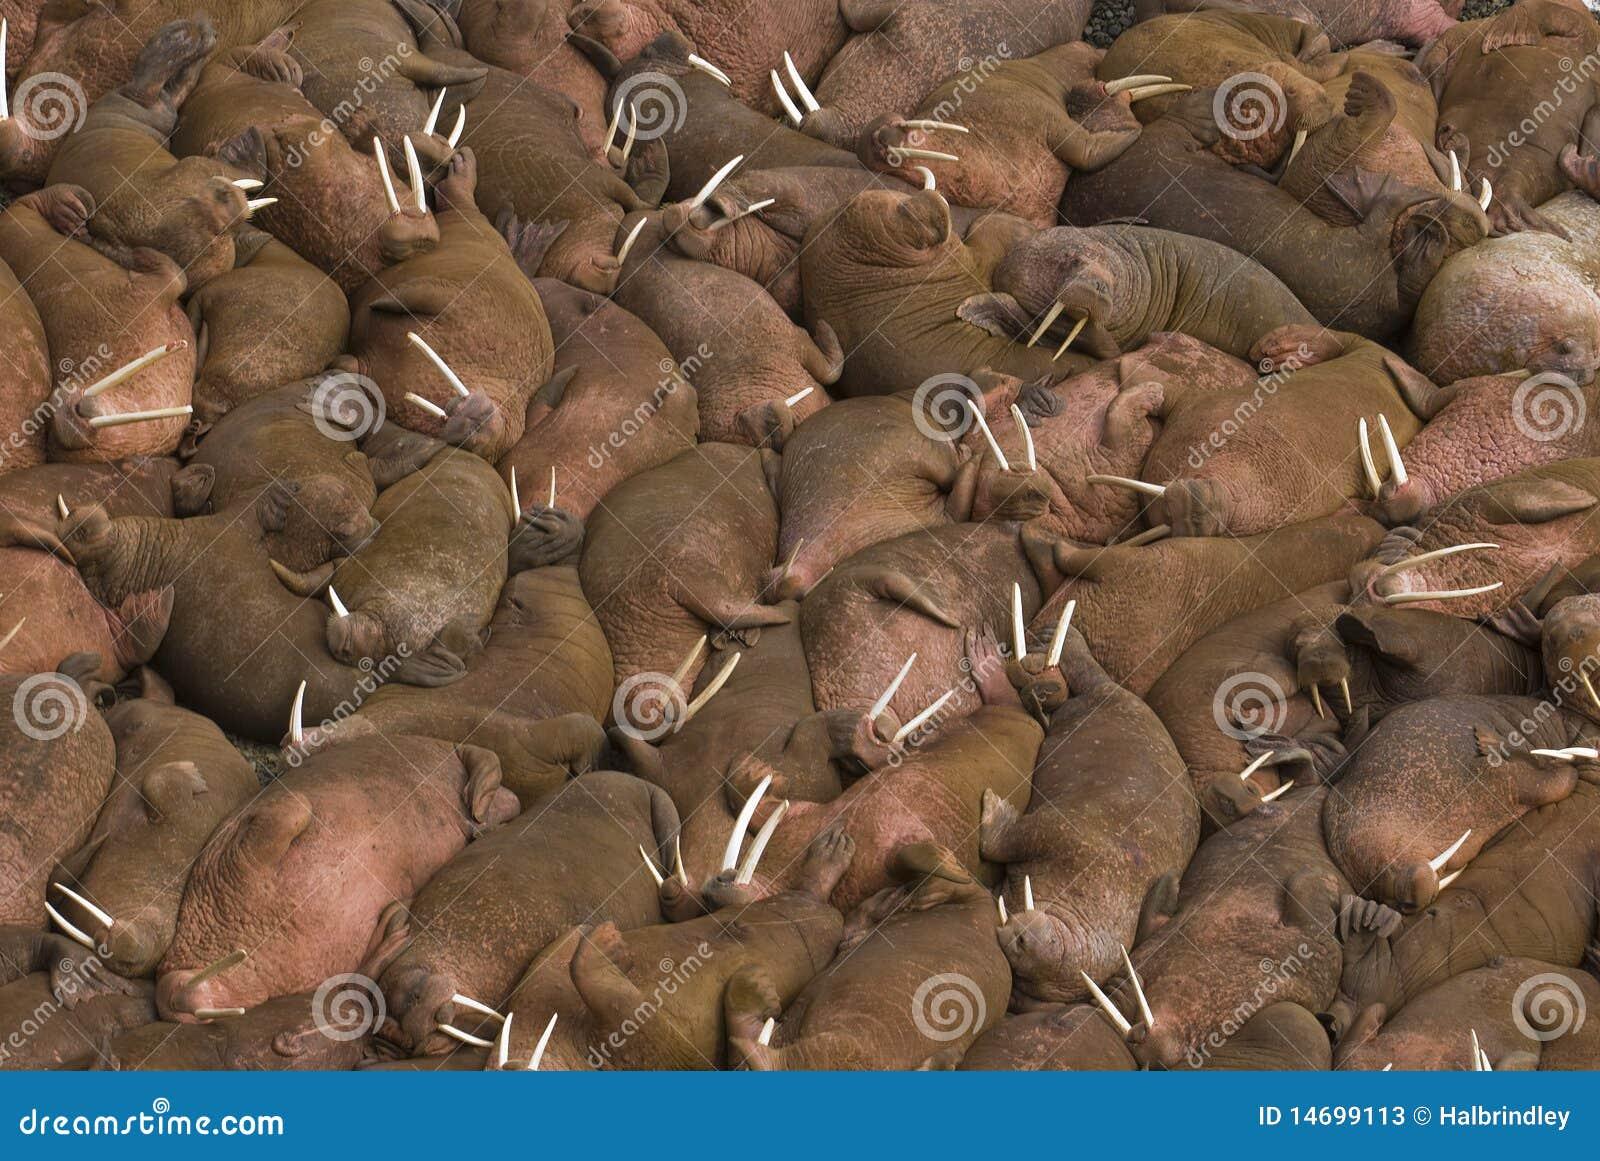 Runda walruses för strandhundredsö